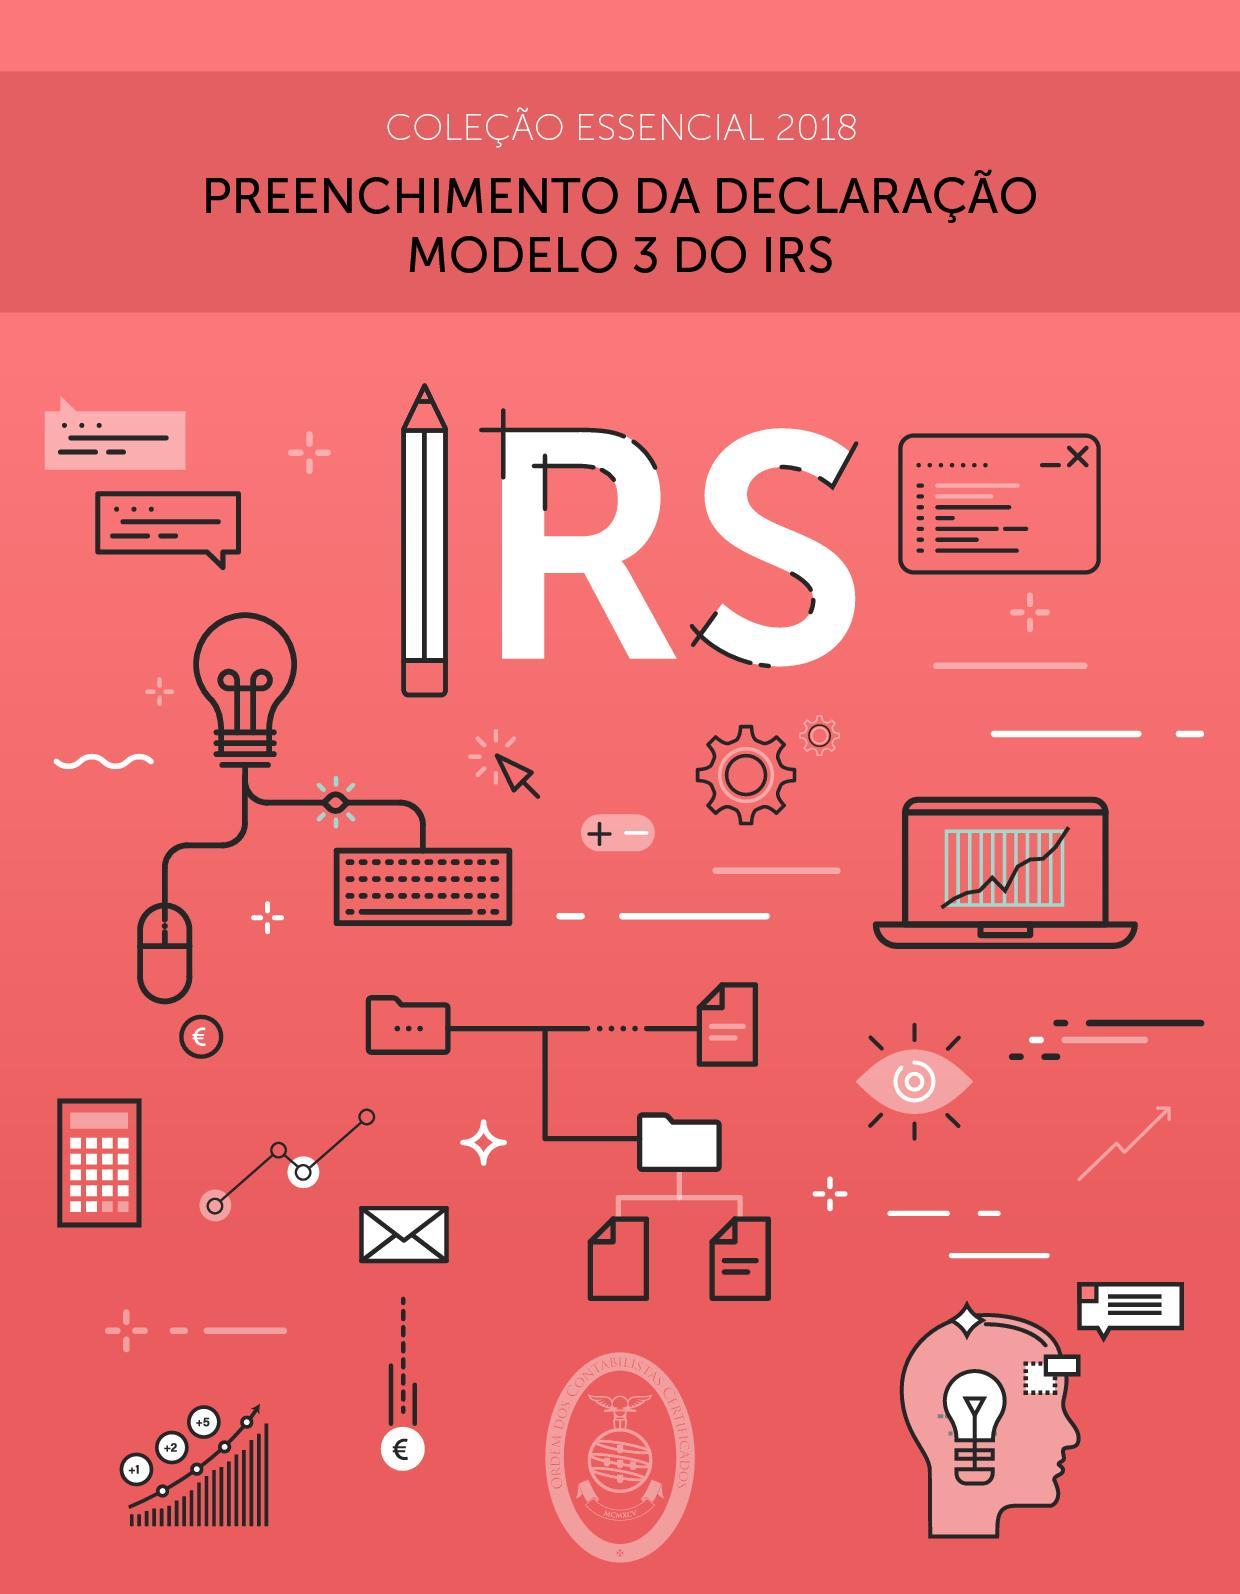 IRS - Coleção Essencial 2018